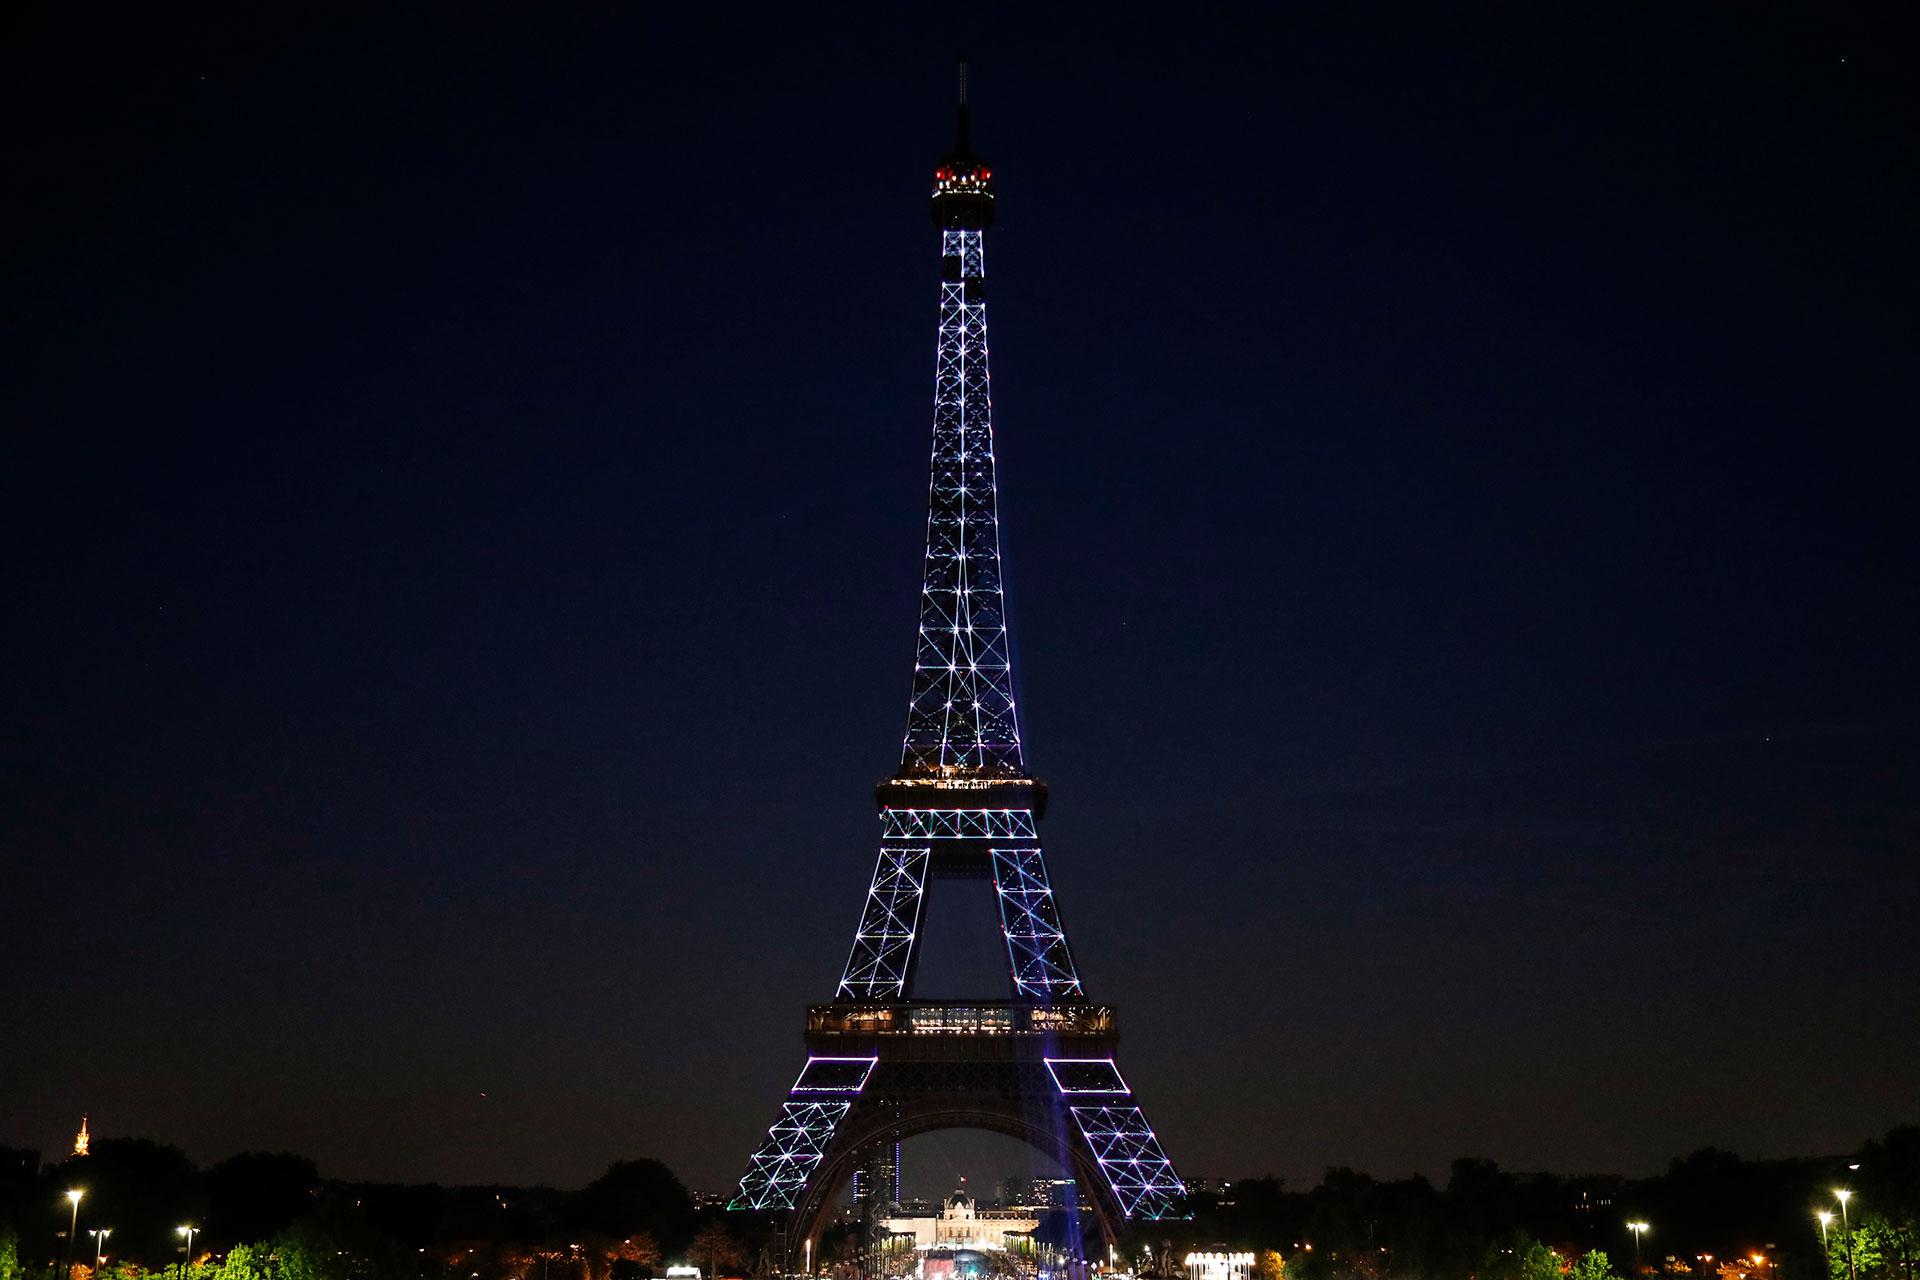 La Torre Eiffel fue la estructura más alta del mundo hasta la inauguración de la Torre Chrysler de Nueva York en 1930.